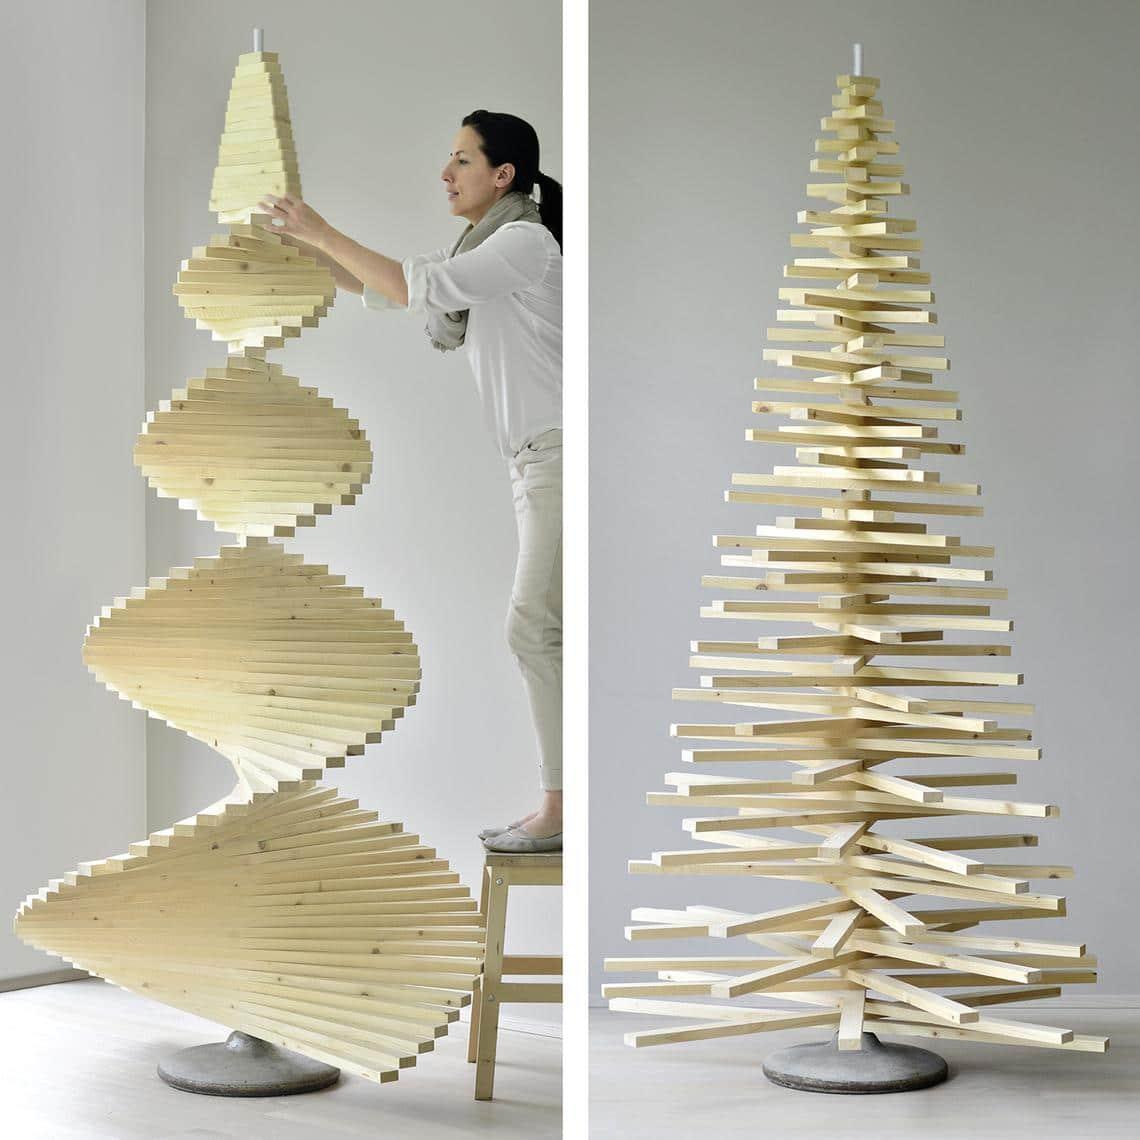 Super DIY-Weihnachtsbaum aus Holzlatten | Muttis Nähkästchen IJ64